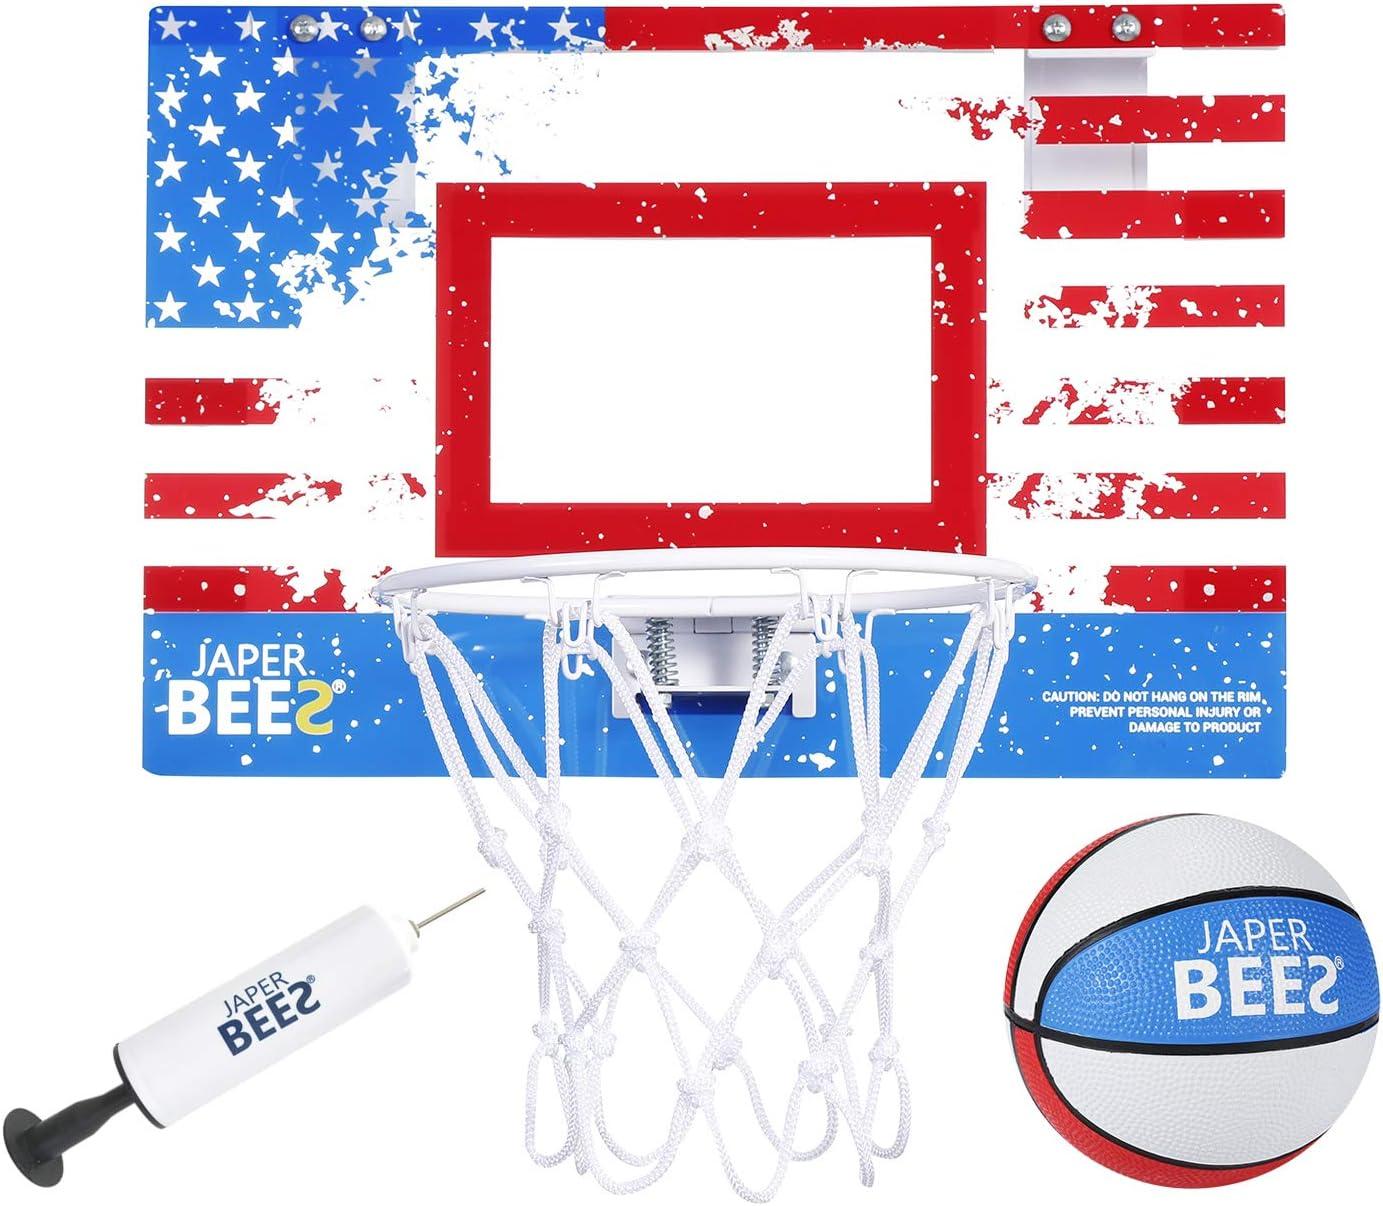 JAPER BEES Pro Mini Basketball Ranking TOP11 Hoop Over Topics on TV Mount The Door Wall I